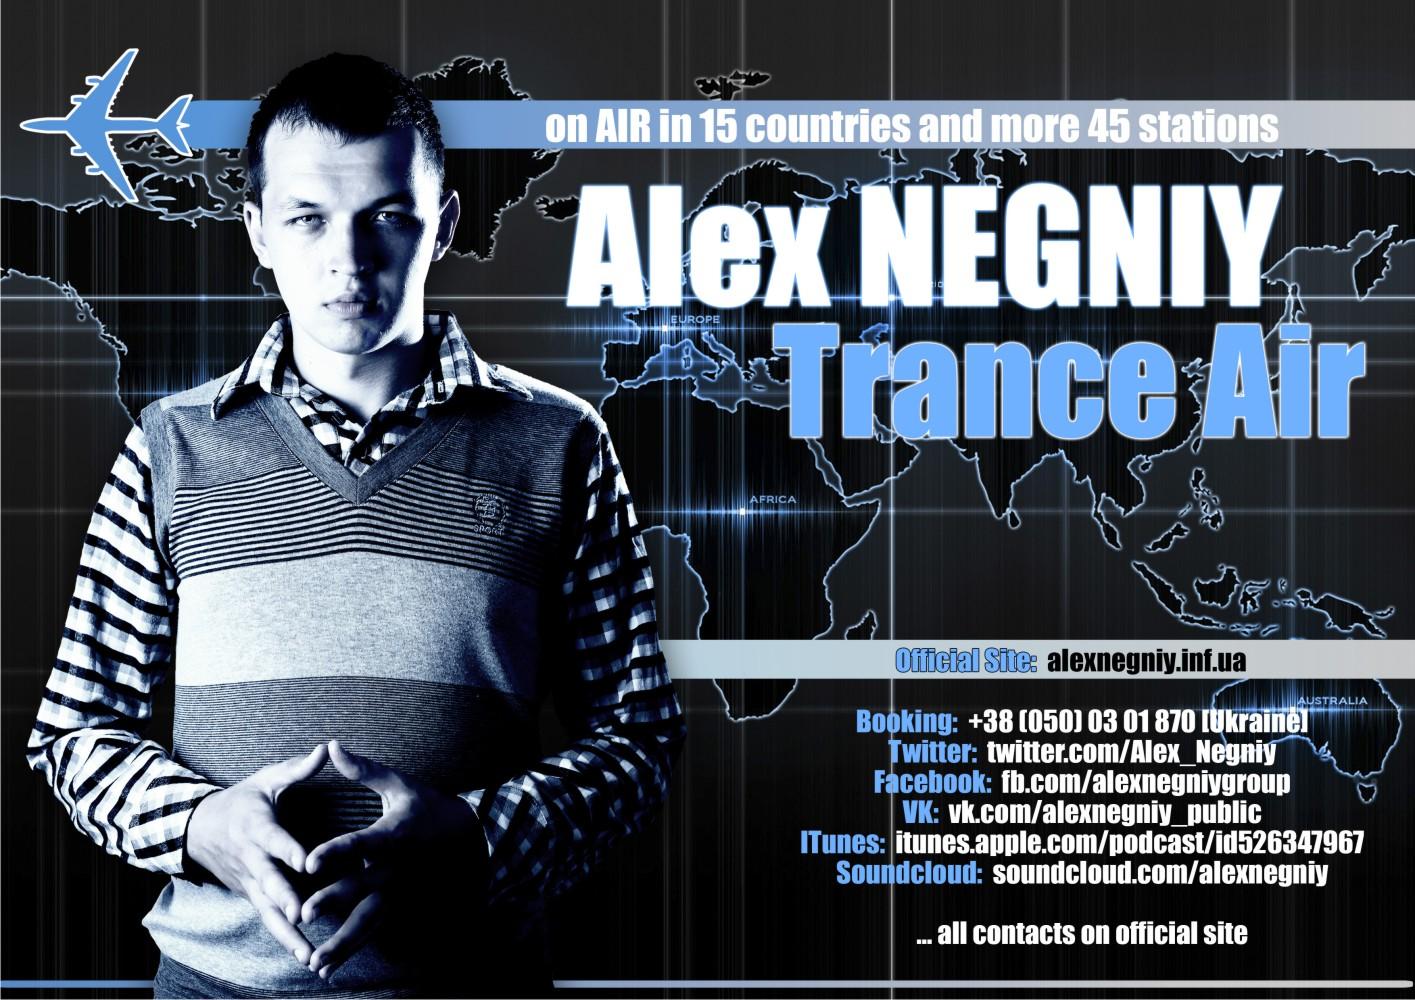 Trance Air